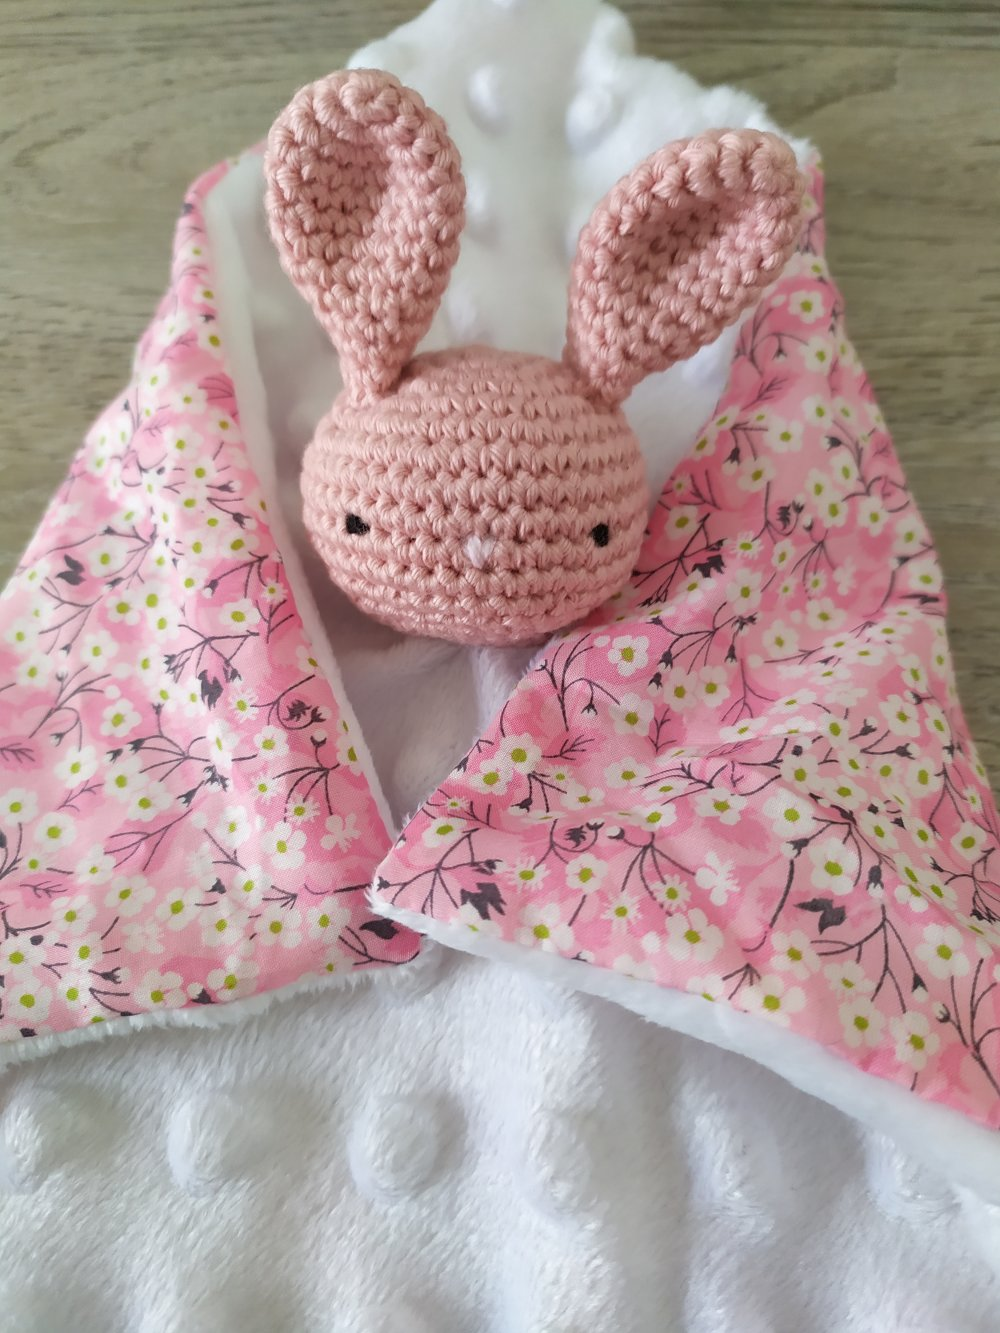 Doudou plat Lapin blanc et fleurs Liberty® en coton bio, peluche lapin,fait main, peluche, cadeau naissance, batpeme,